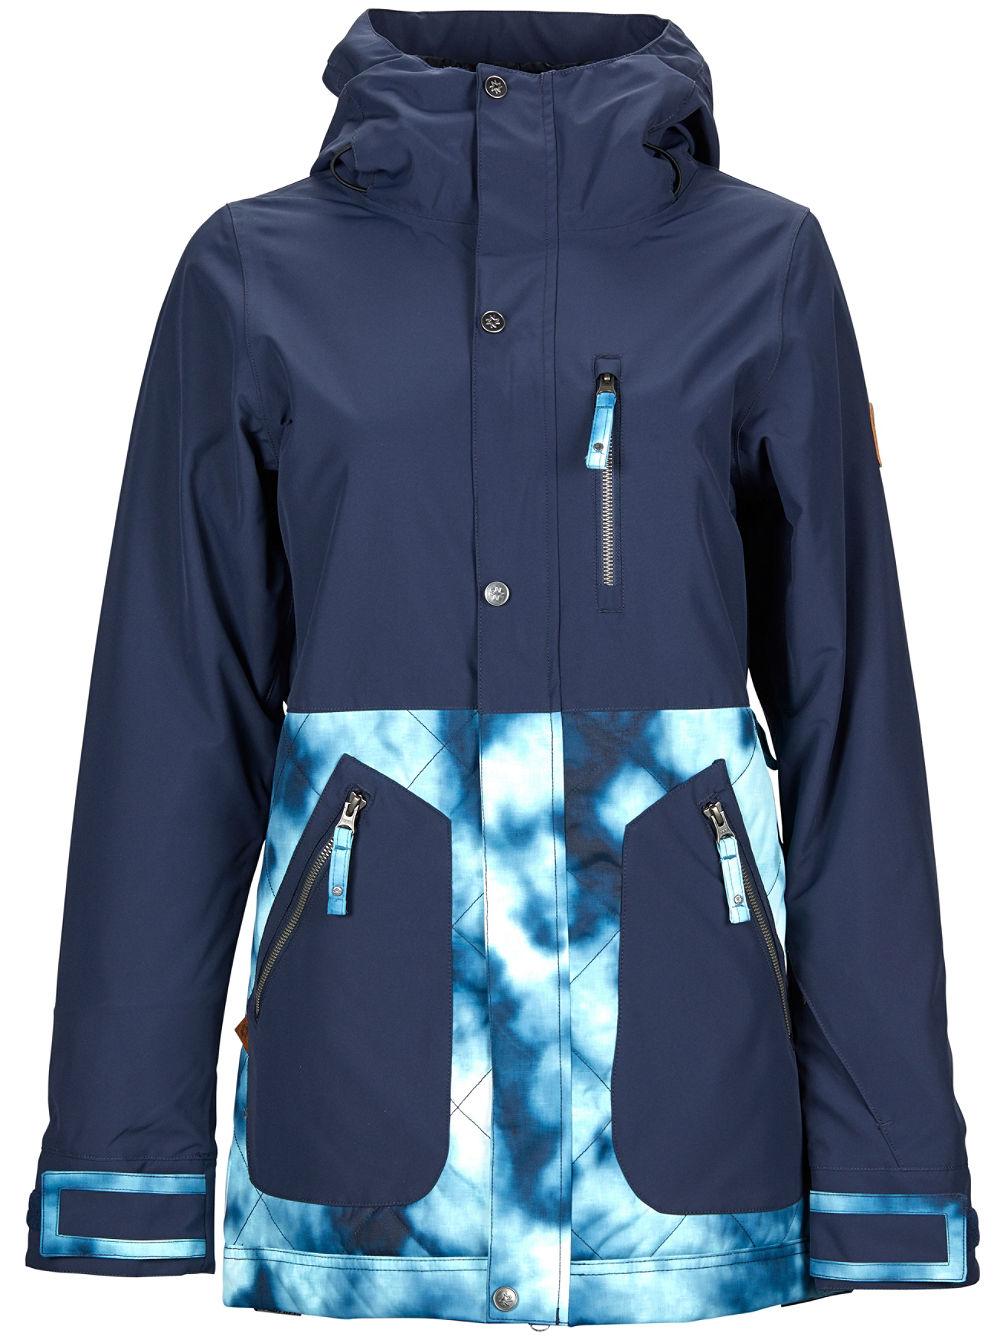 4d0aca0c1 Sycamore Jacket